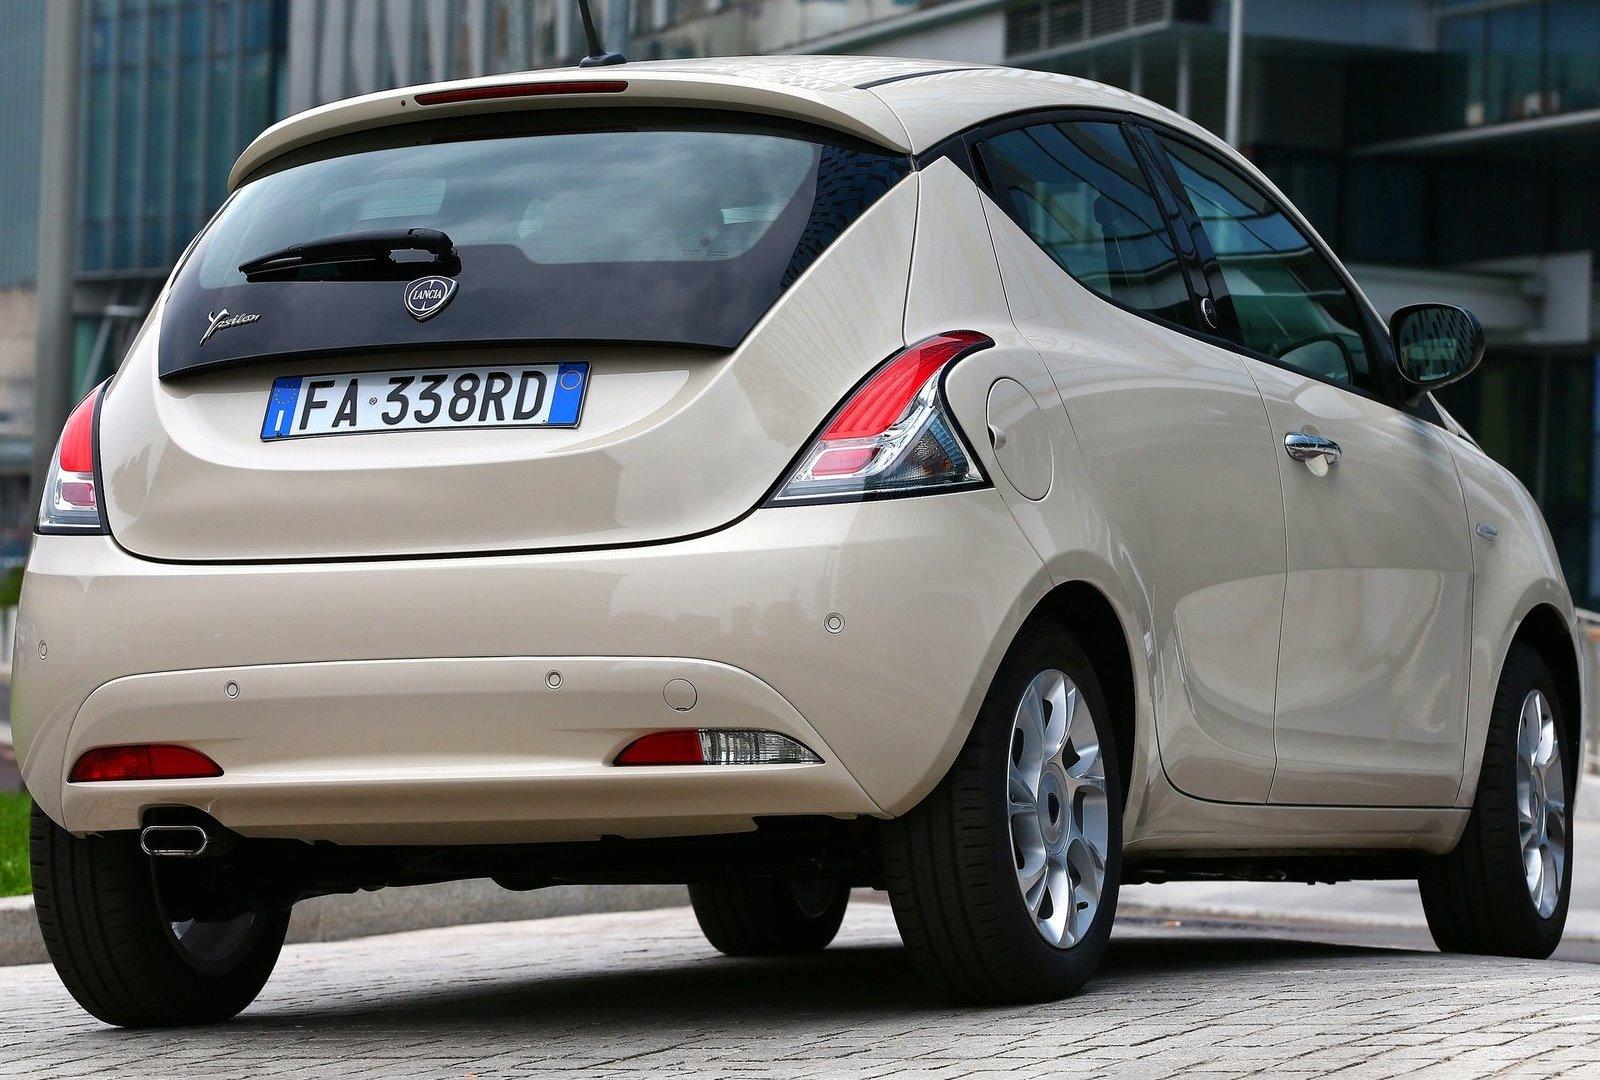 Lancia Electrifica